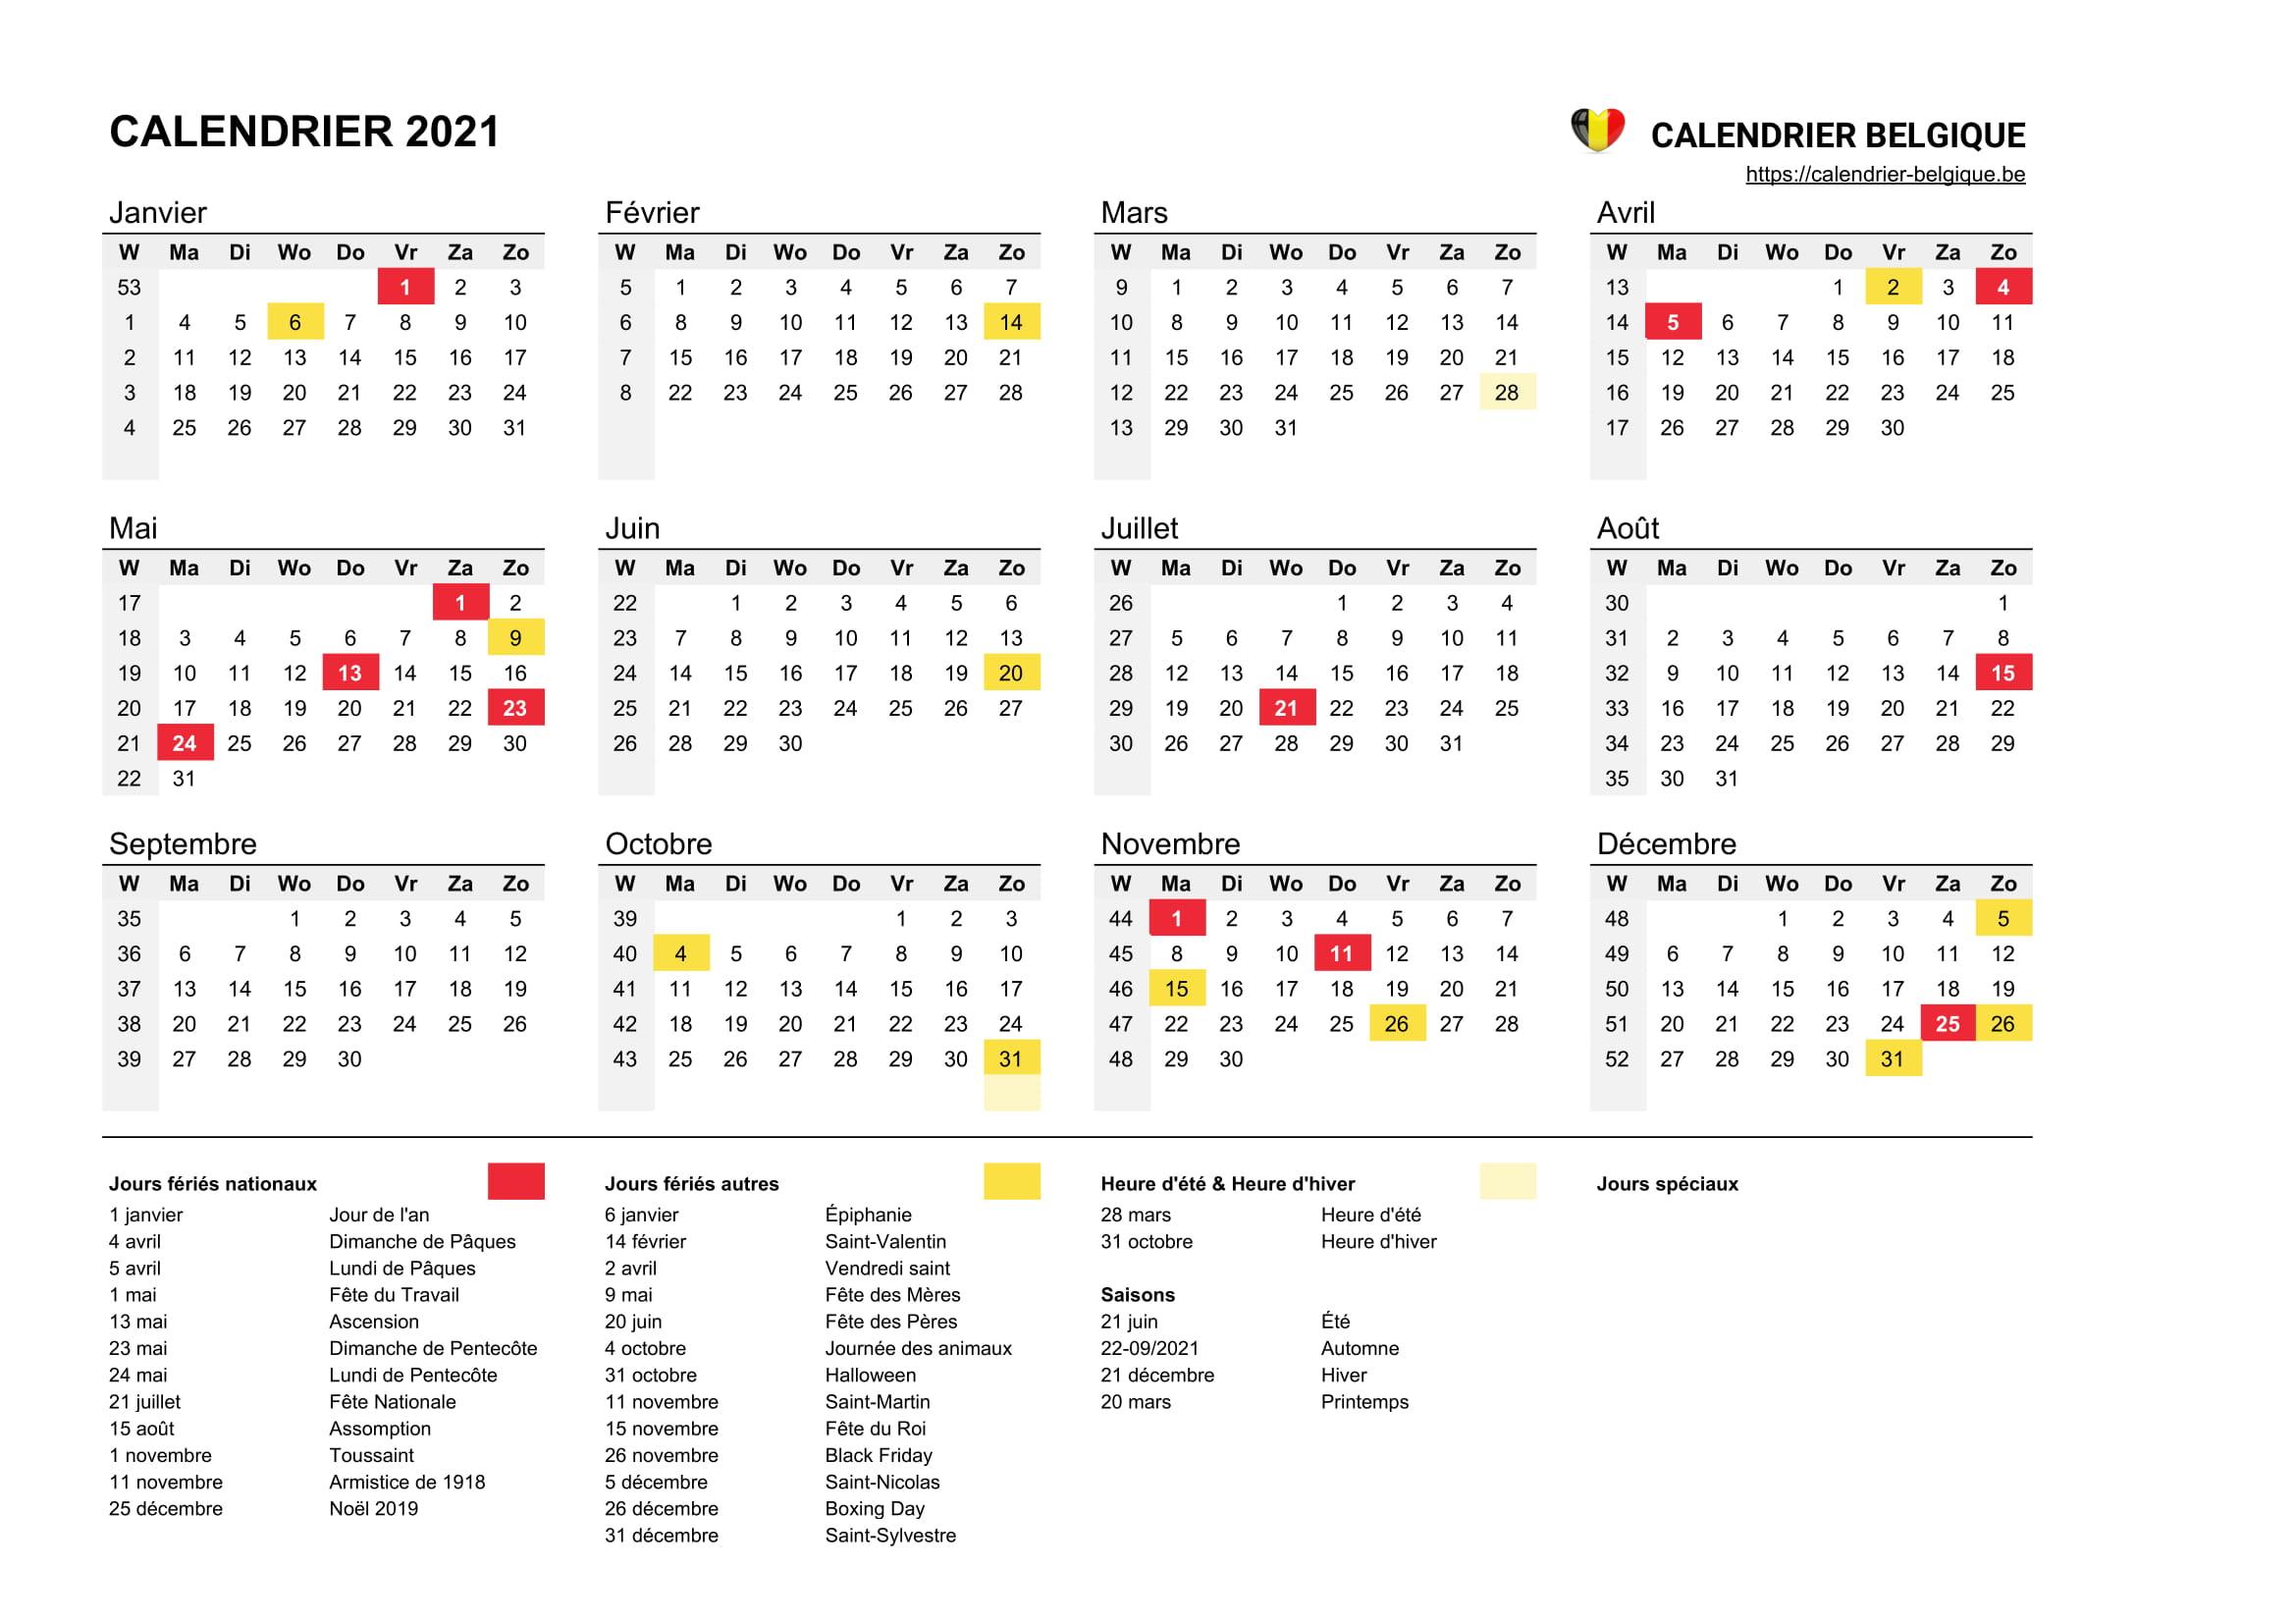 Calendrier Des événements 2021 Calendrier 2021 • Calendrier Belgique